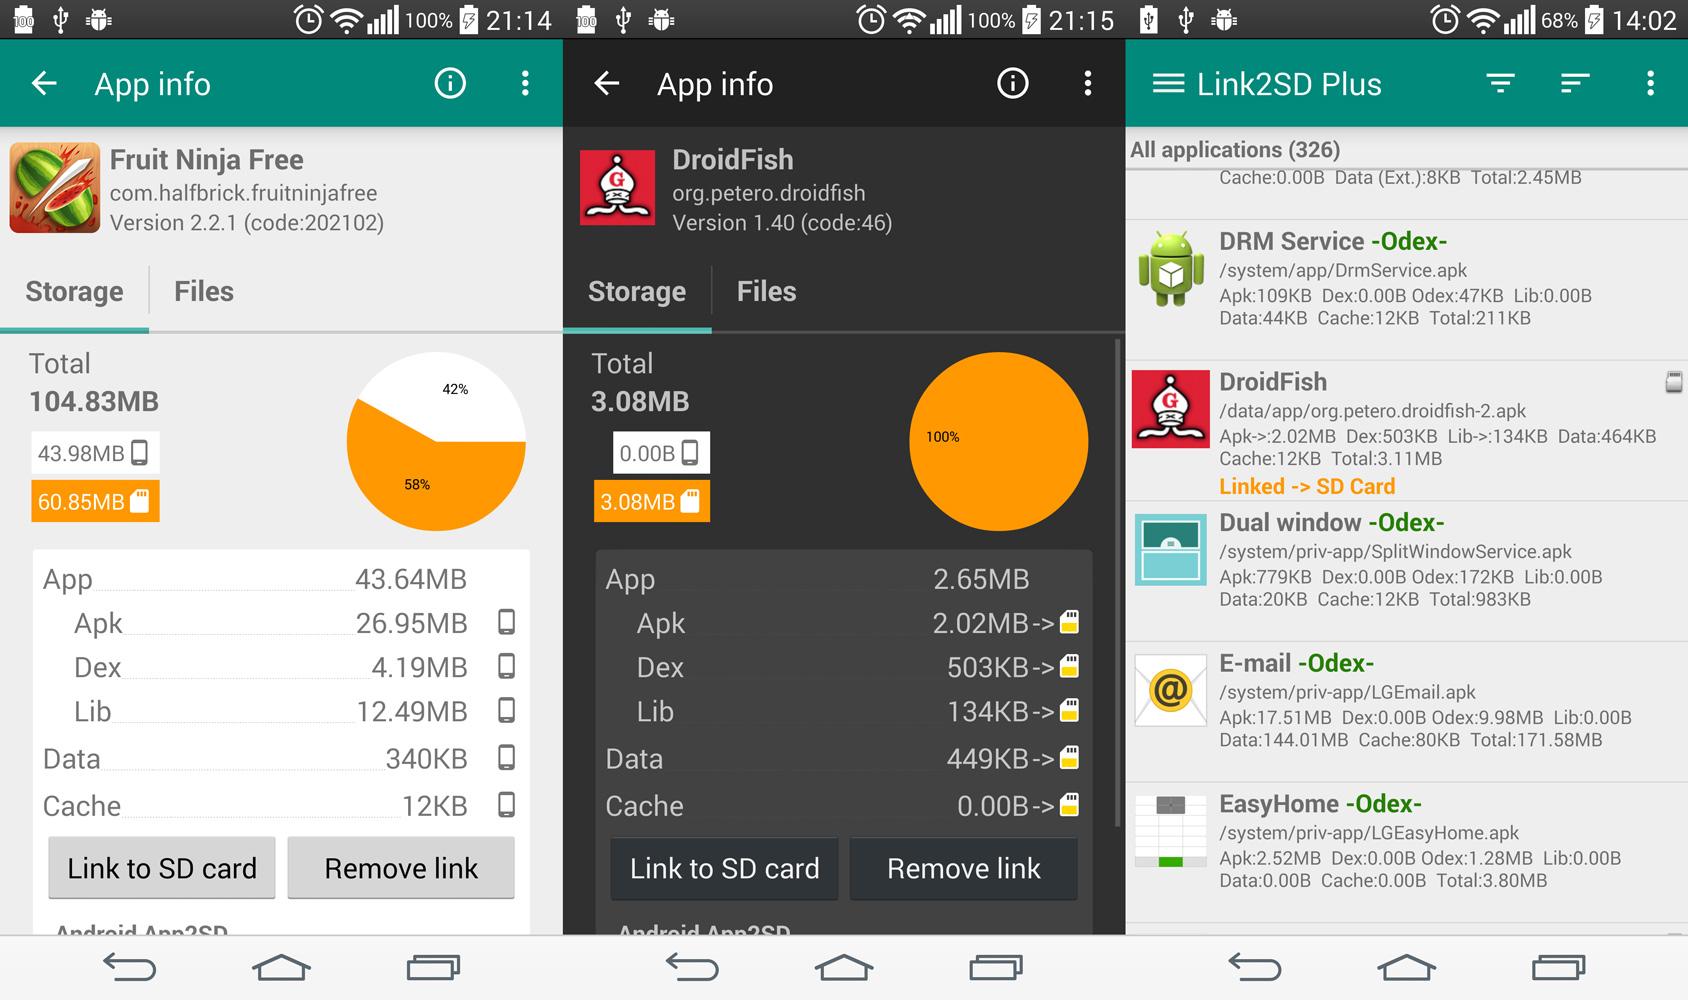 zrzuty ekranu aplikacji Link2SD